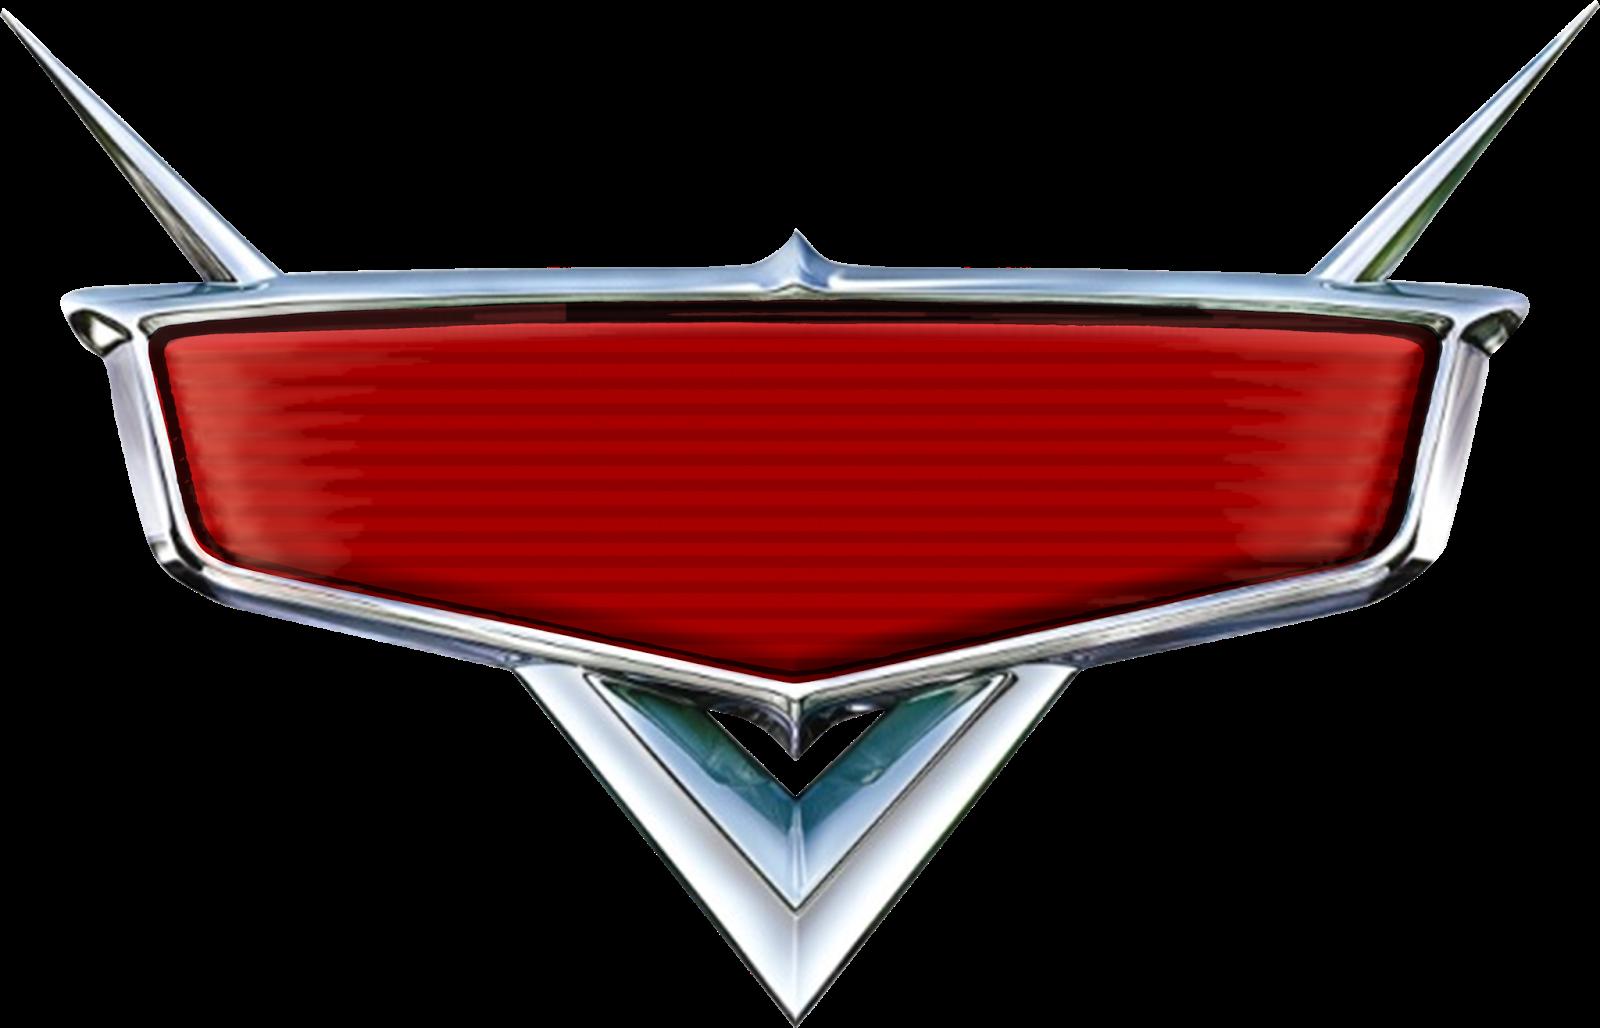 10 disney cars logo font images